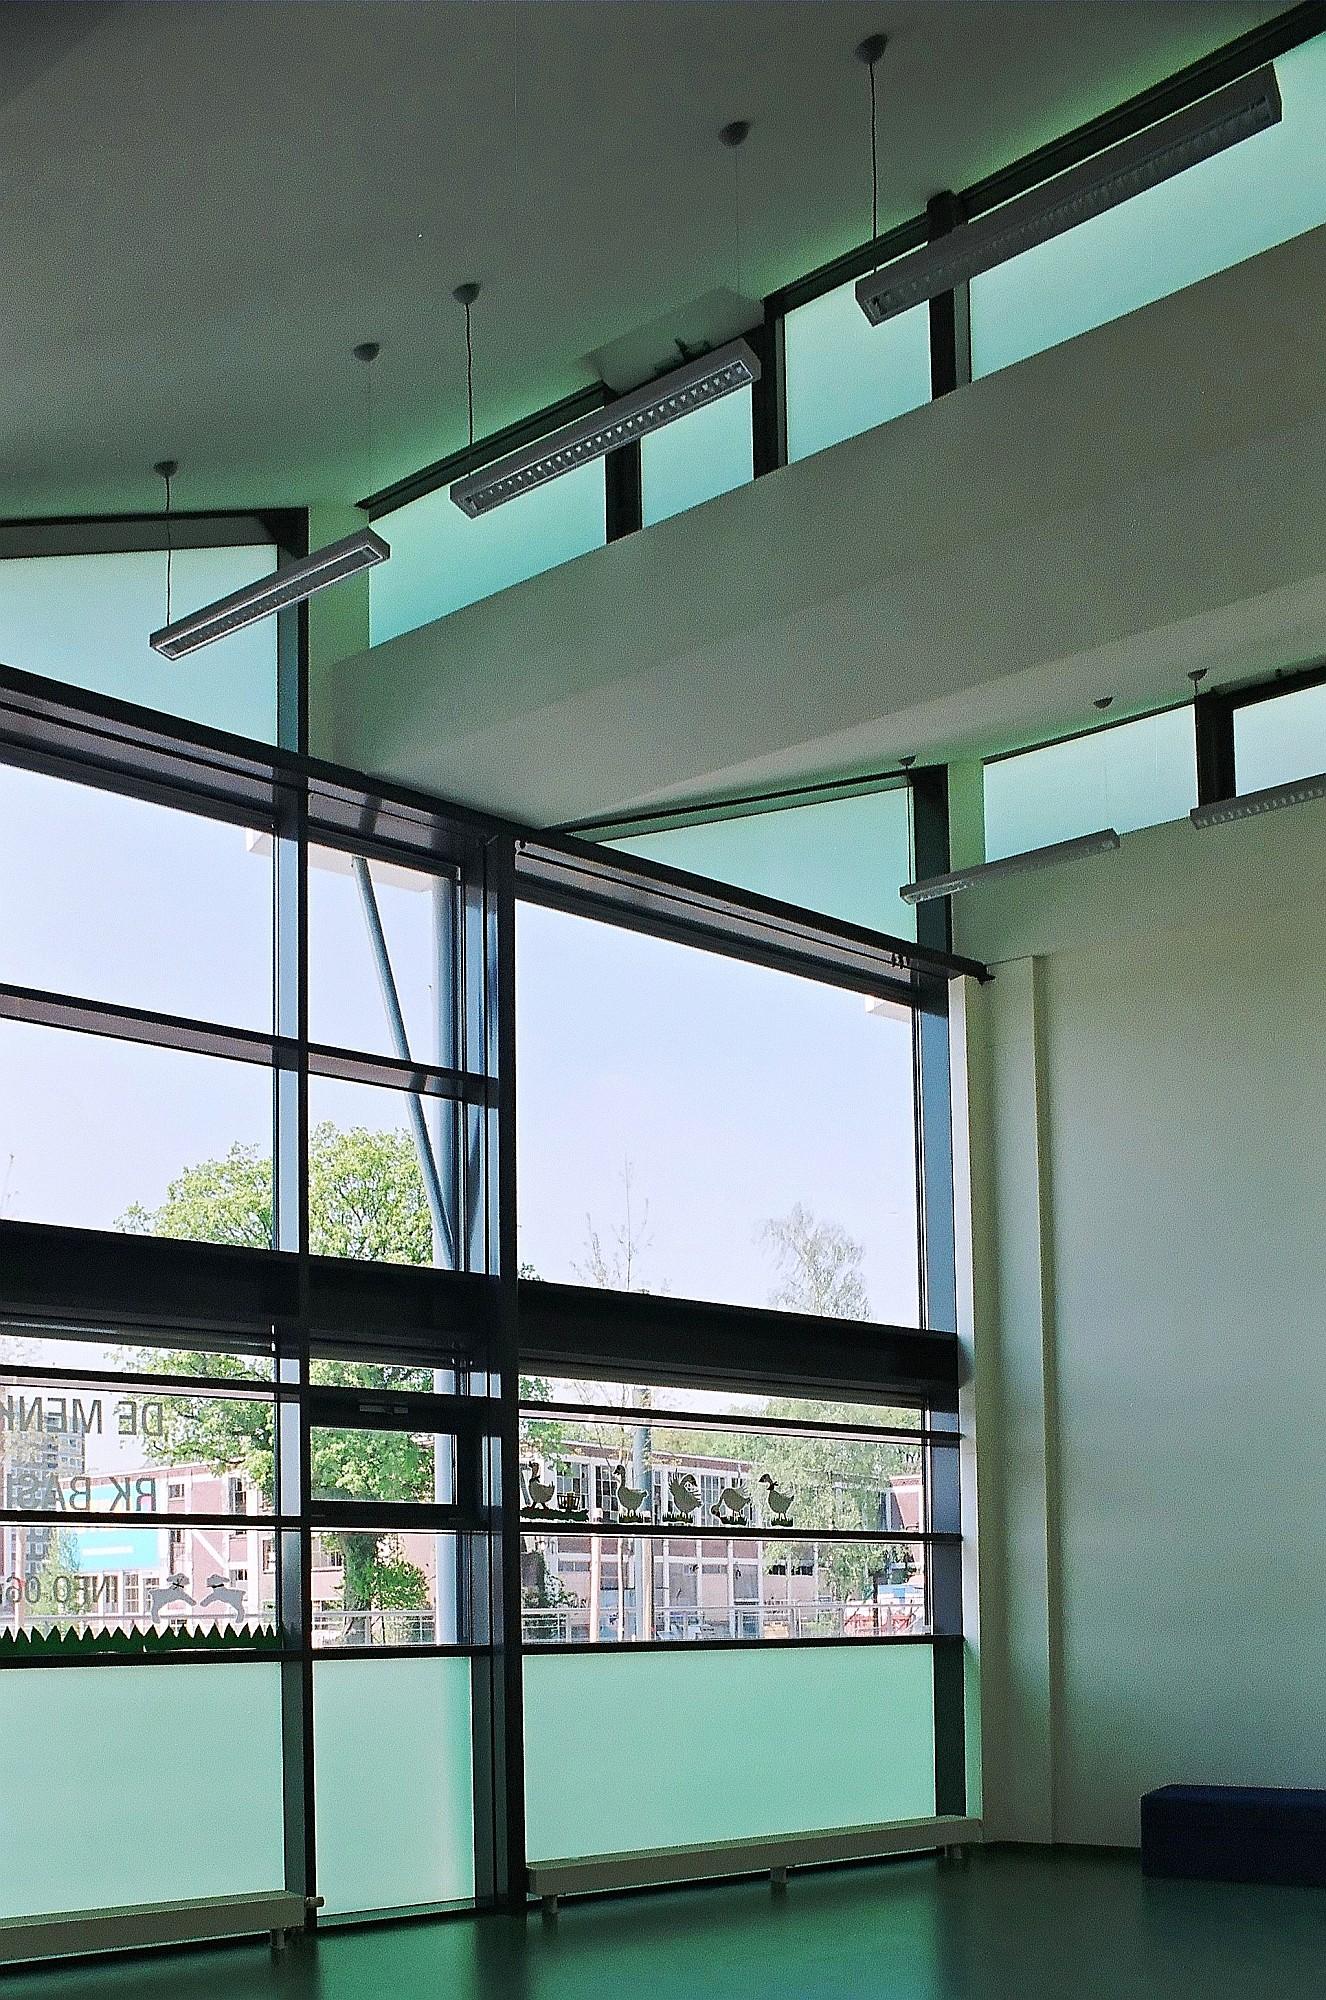 07-menko-29940002_double height room.jpg